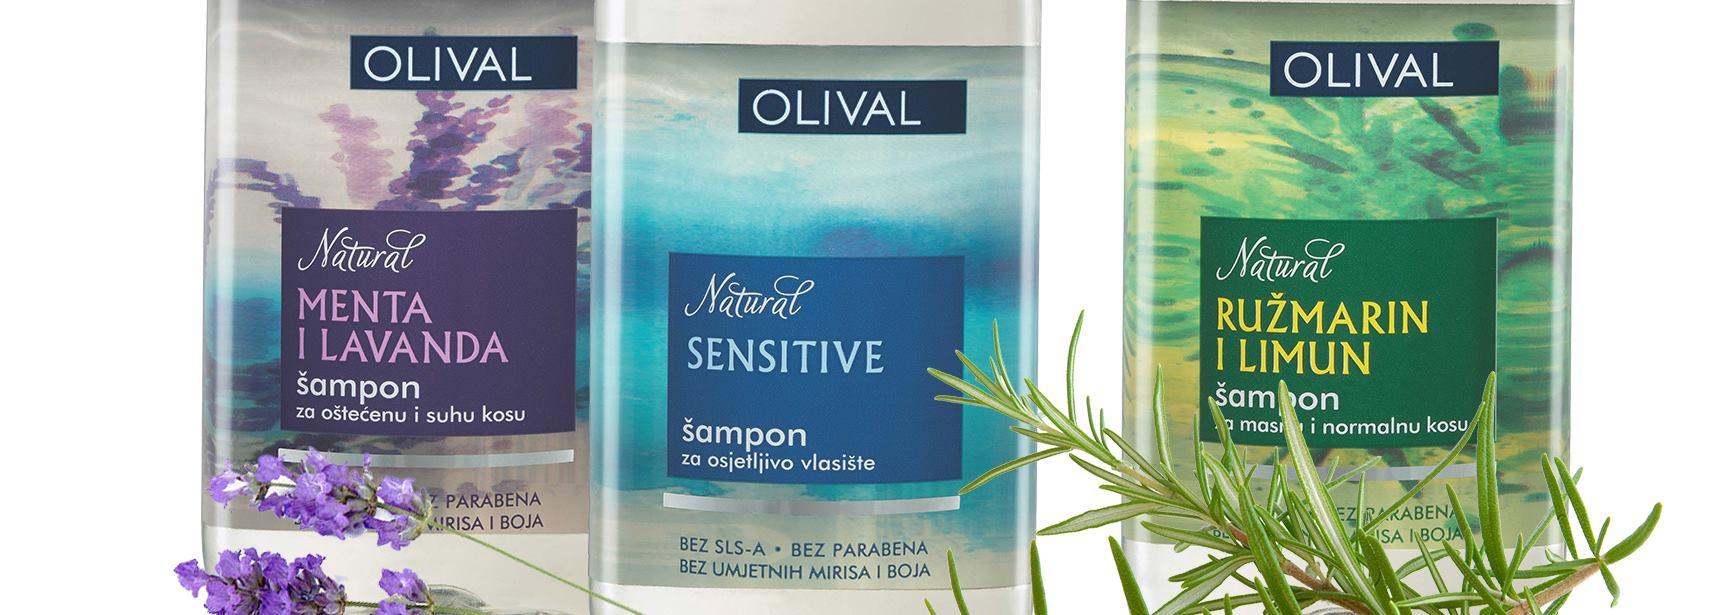 OLIVAL NATURAL Linija šampona potpuno prirodnog podrijetla